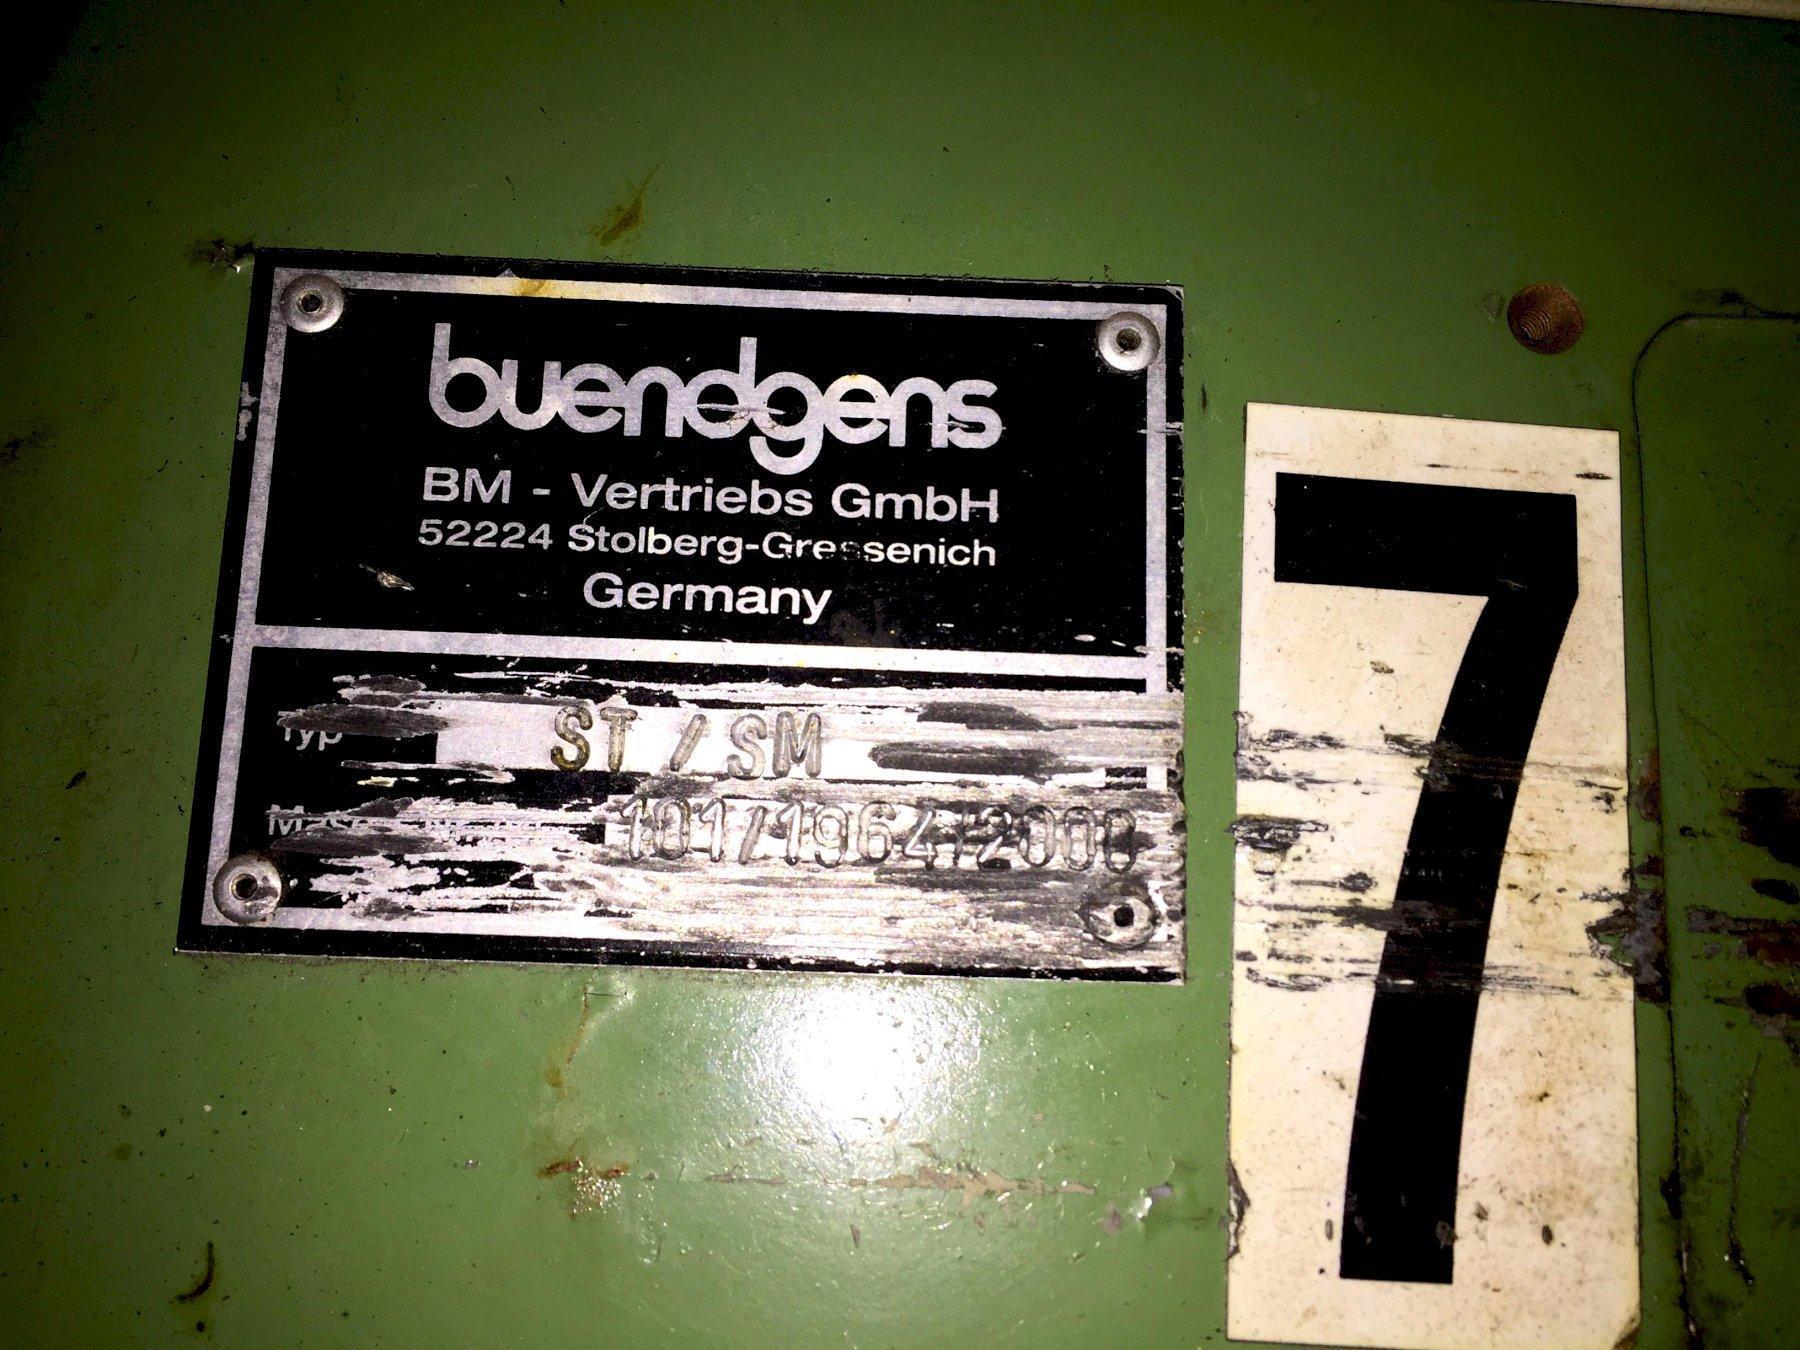 Buendgens ST/SM Pin Grinder